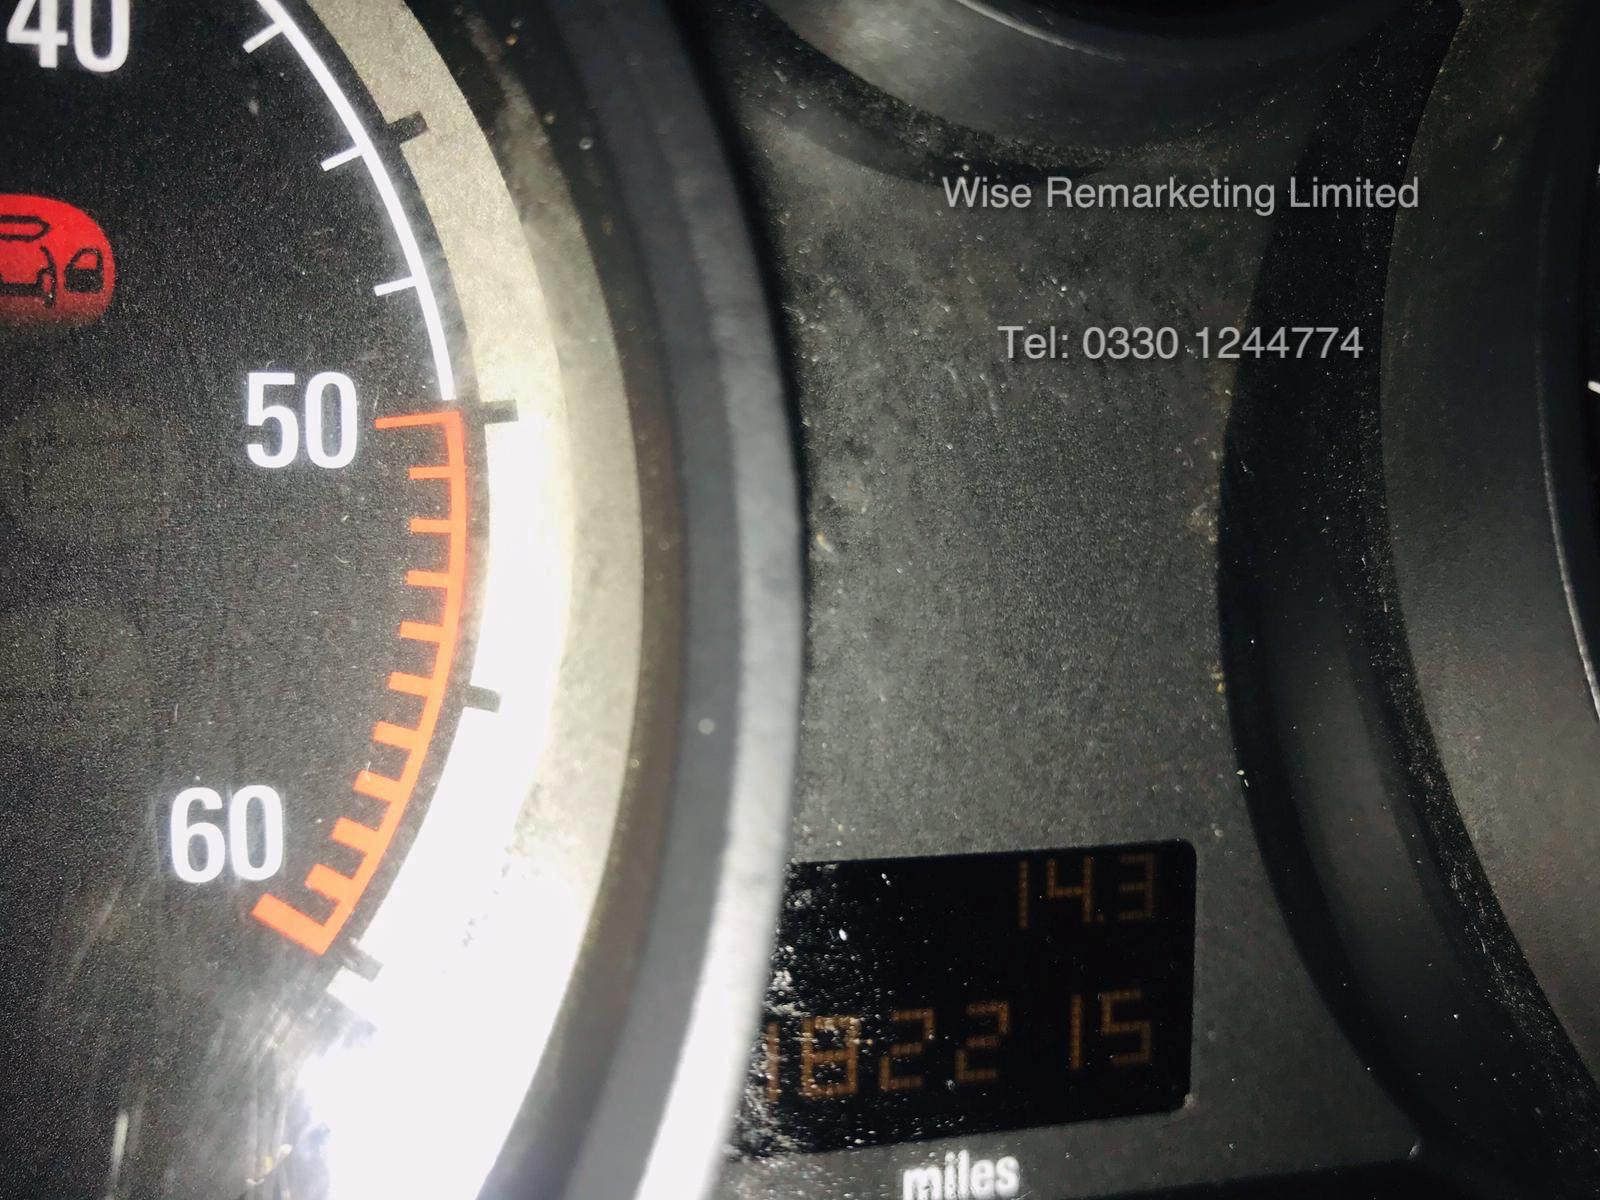 Vauxhall Astra Van 1.3 CDTi - 2011 Model - 5 Seater Crew Van - SAVE 20% NO VAT - Image 15 of 15